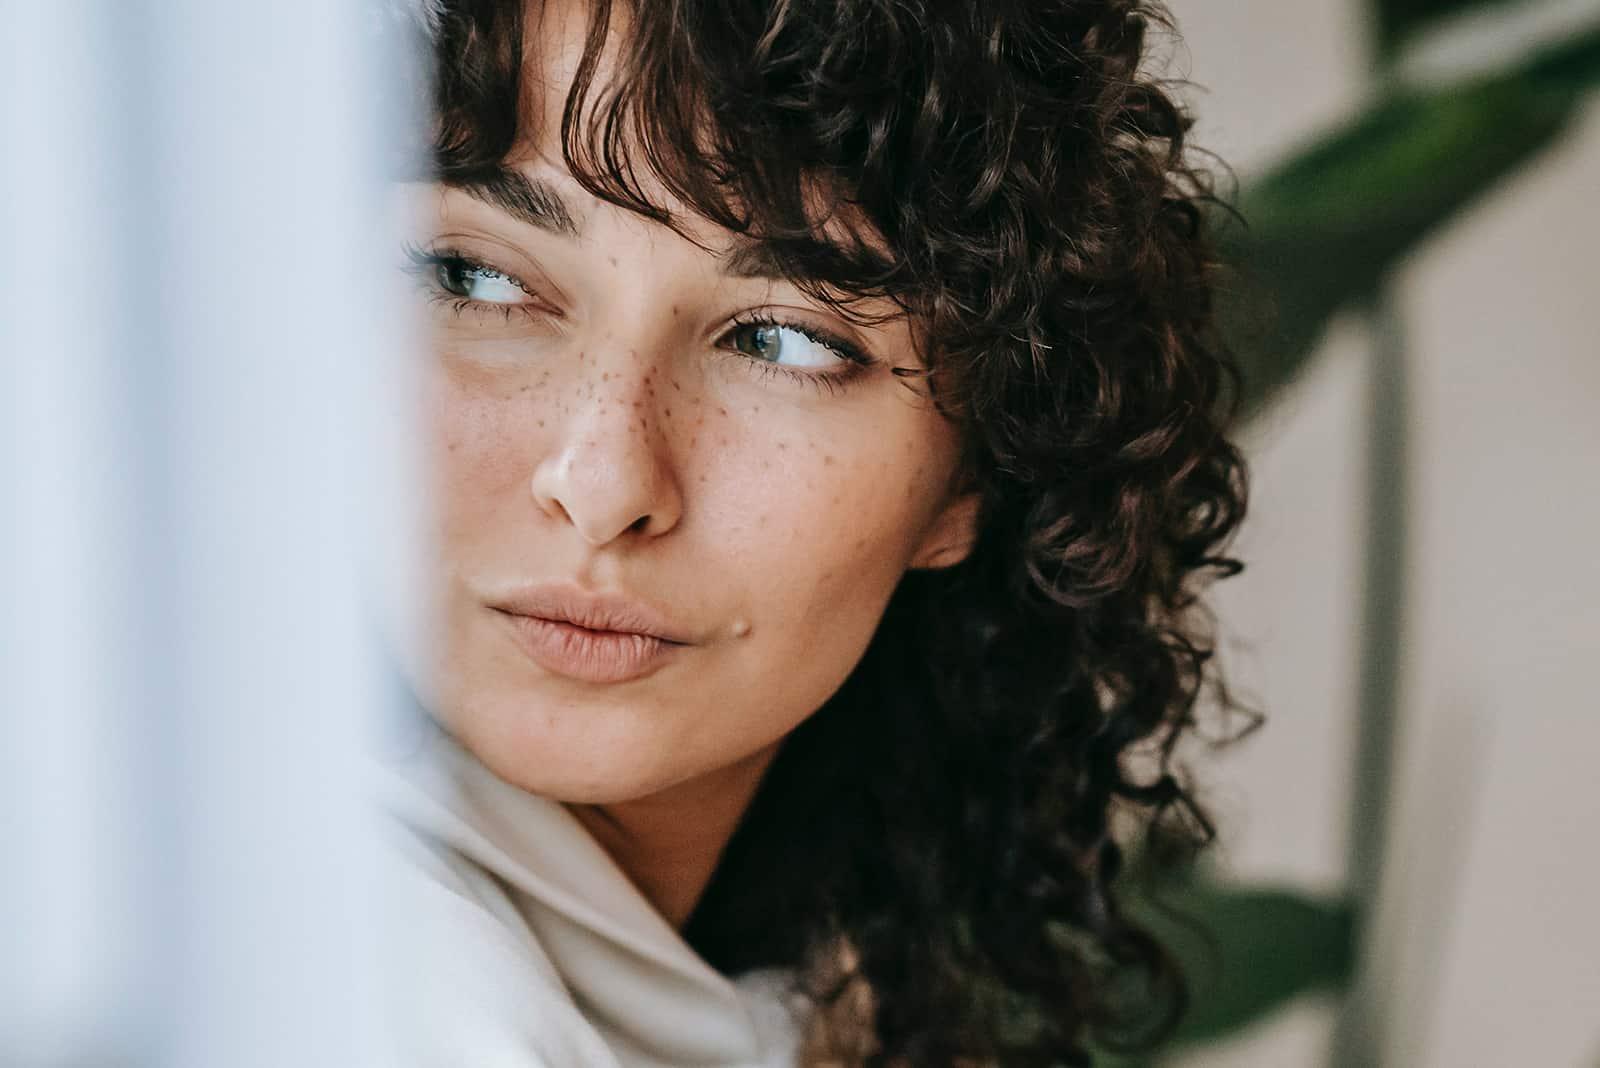 une femme rêveuse aux cheveux bouclés regardant ailleurs